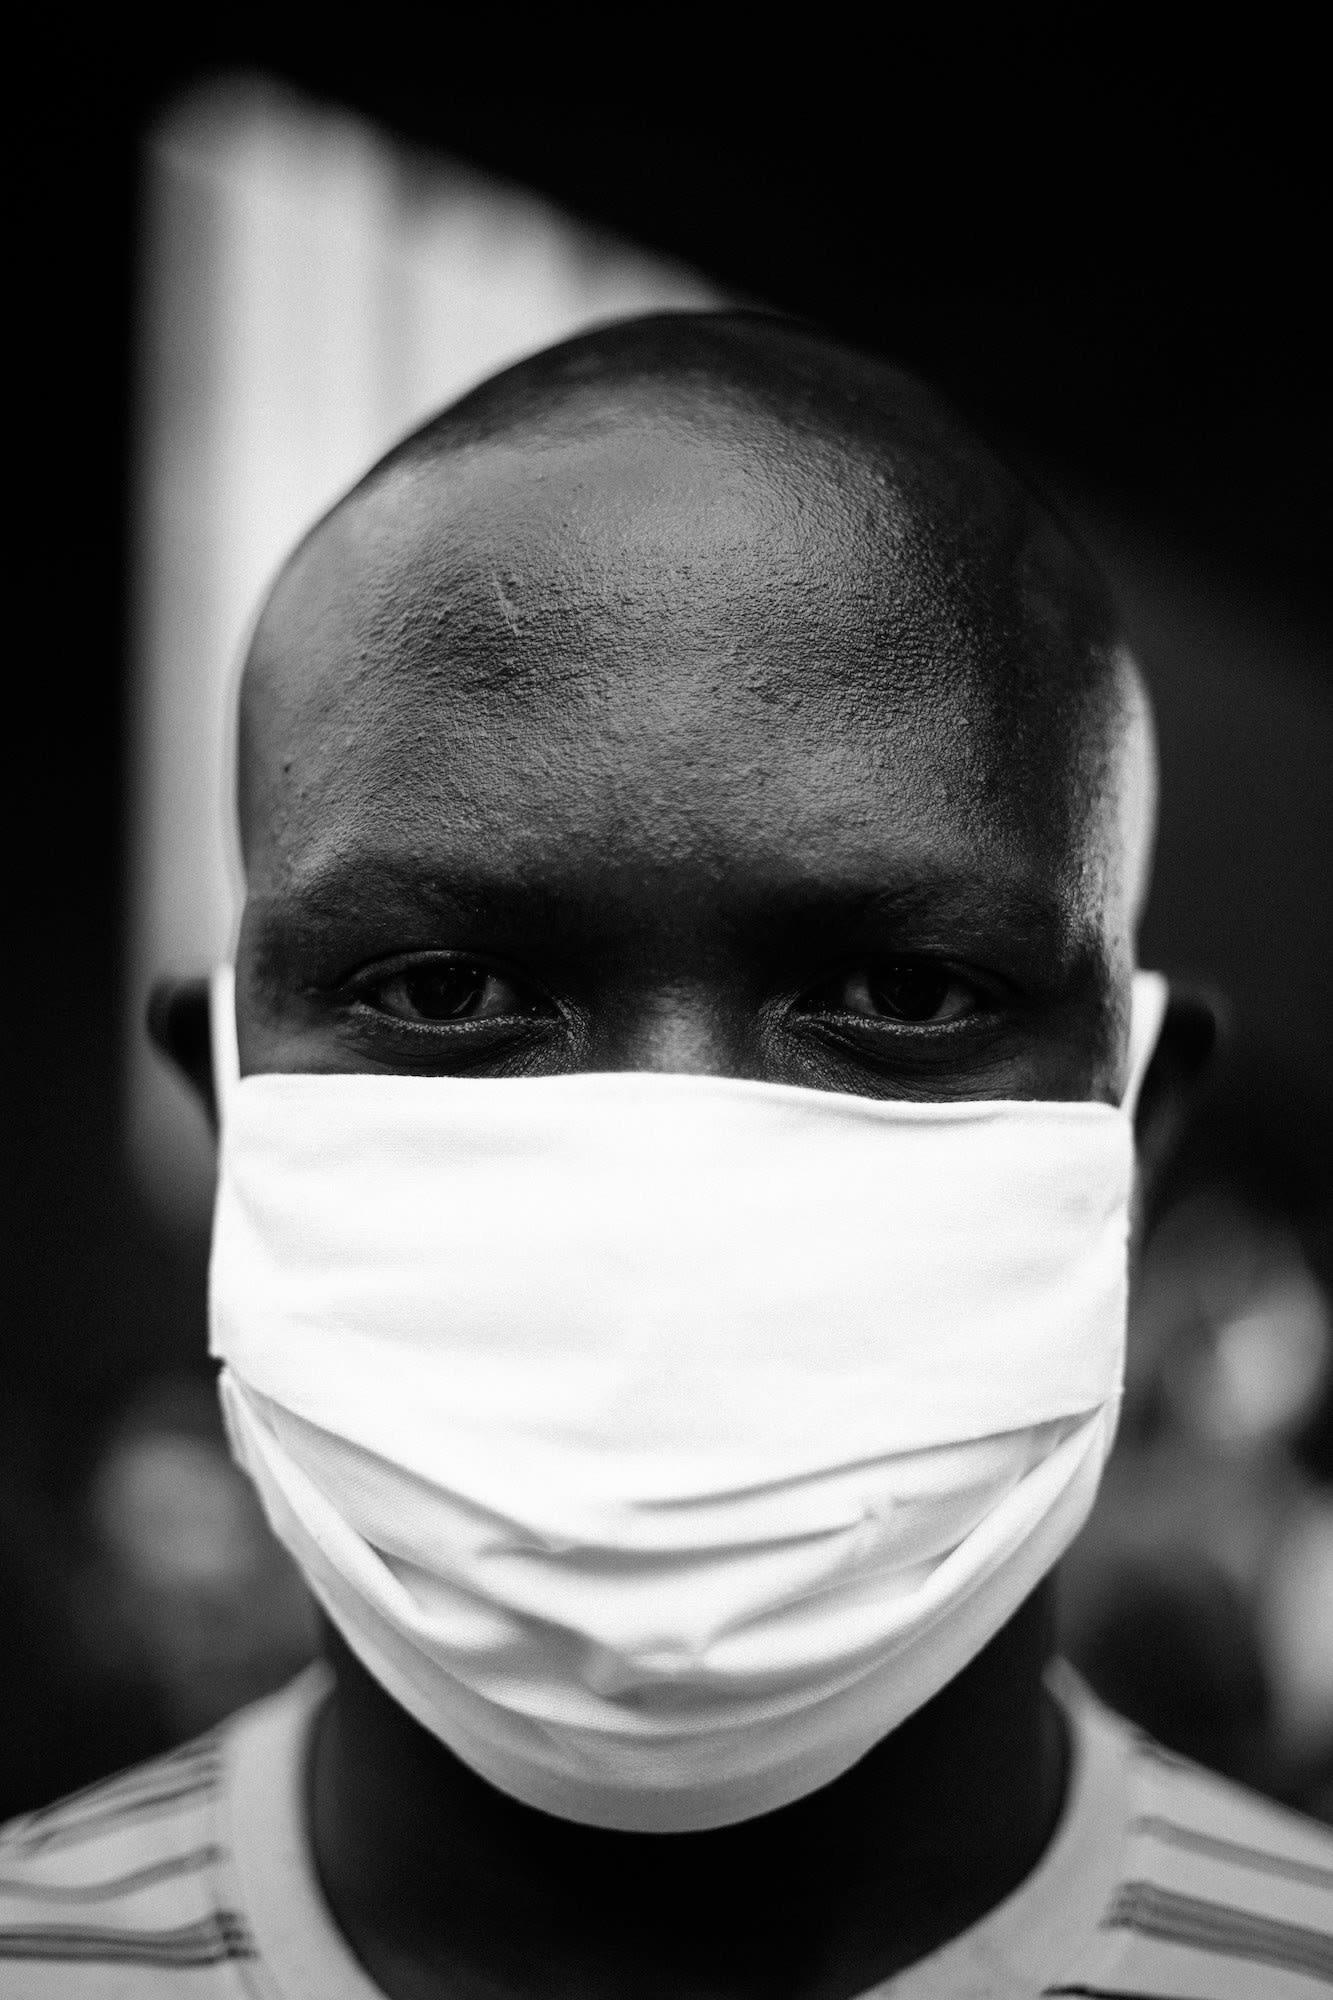 Rosto em close de homem negro com máscara branca olhando na direção da foto.